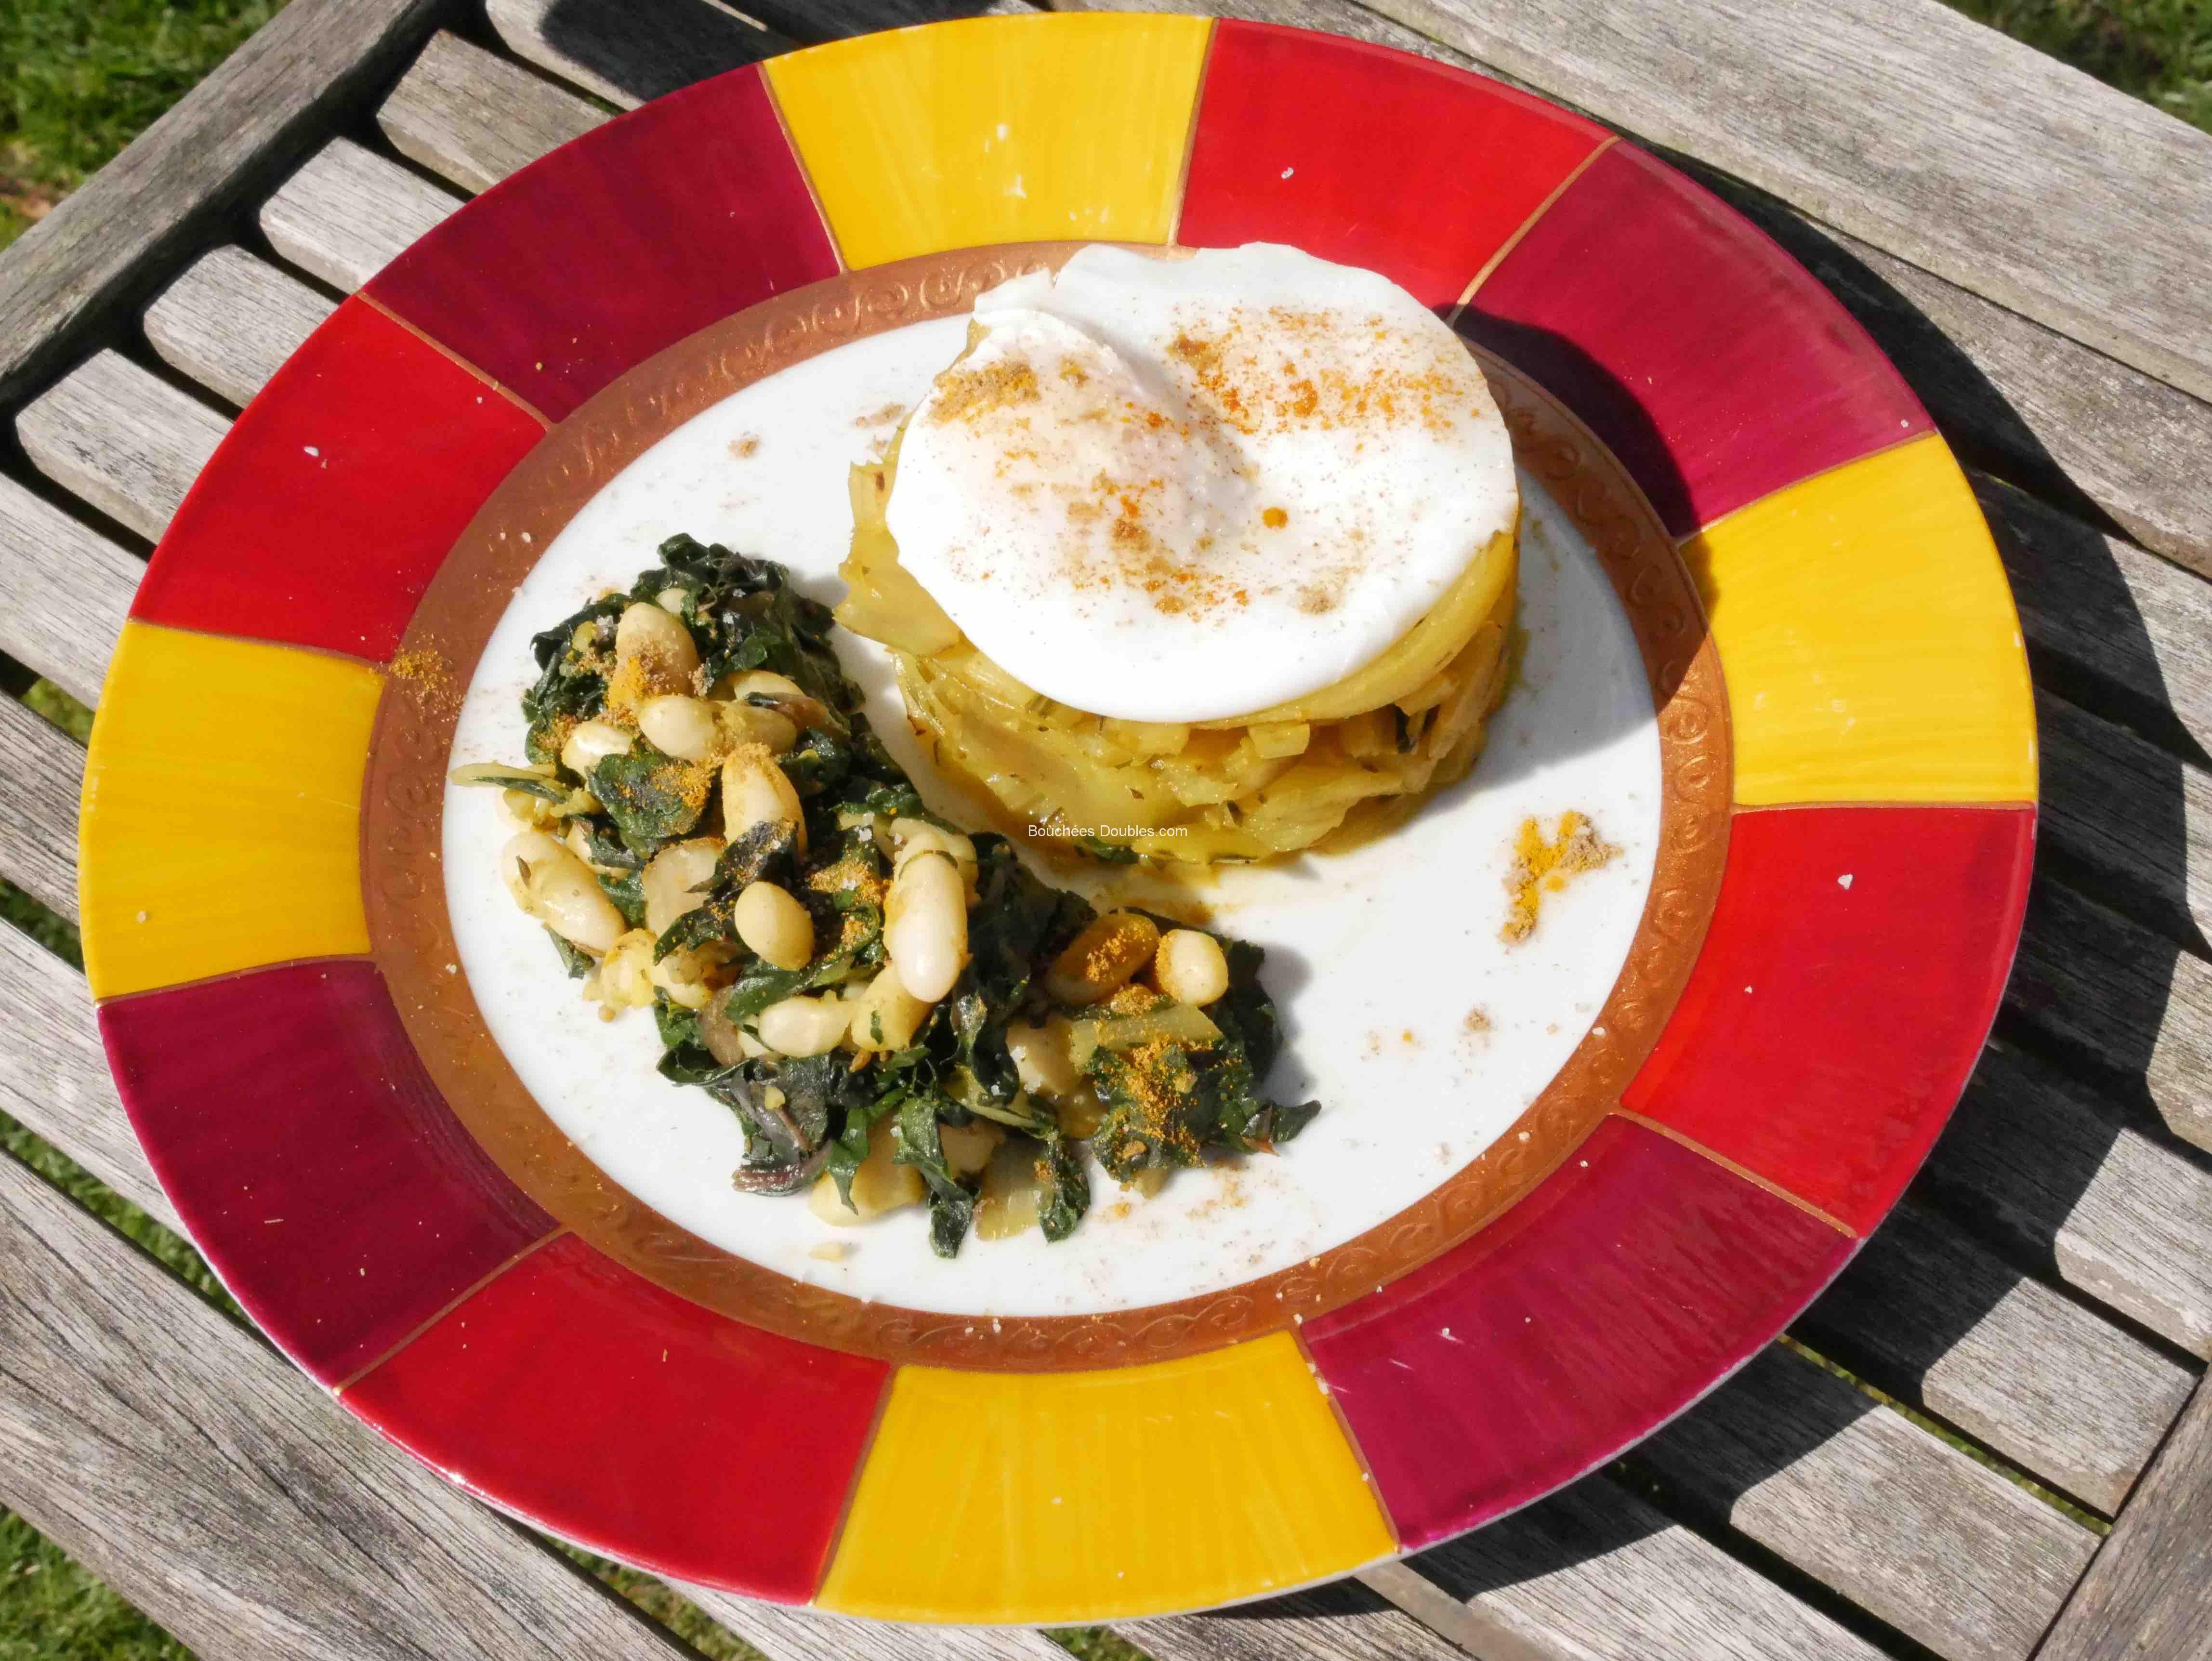 Dressage assiette des blettes aux epices avec un oeuf poche